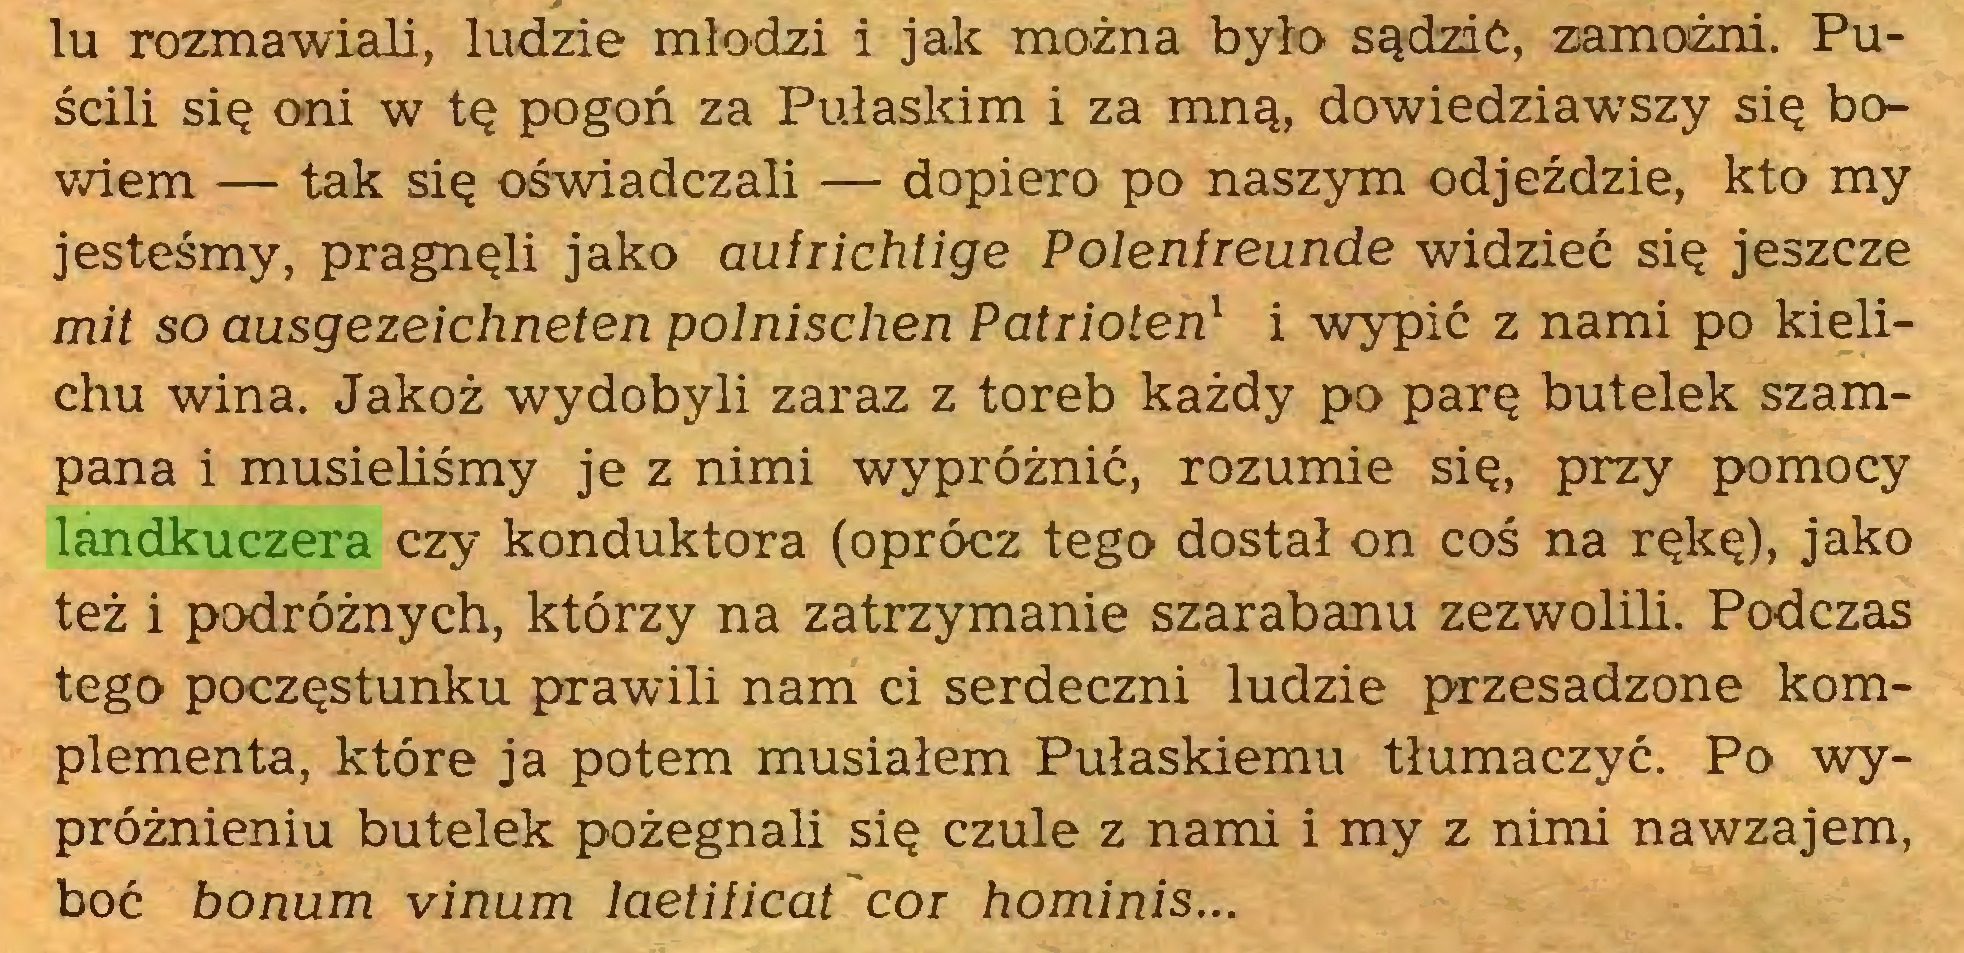 (...) lu rozmawiali, ludzie młodzi i jak można było sądzić, zamożni. Puścili się oni w tę pogoń za Pułaskim i za mną, dowiedziawszy się bowiem — tak się oświadczali — dopiero po naszym odjeździe, kto my jesteśmy, pragnęli jako aufrichtige Polenfreunde widzieć się jeszcze mit so ausgezeichneten polnischen Patrioten1 i -wypić z nami po kielichu wina. Jakoż wydobyli zaraz z toreb każdy po parę butelek szampana i musieliśmy je z nimi wypróżnić, rozumie się, przy pomocy landkuczera czy konduktora (oprócz tego dostał on coś na rękę), jako też i podróżnych, którzy na zatrzymanie szarabanu zezwolili. Podczas tego poczęstunku prawili nam ci serdeczni ludzie przesadzone komplementa, które ja potem musiałem Pułaskiemu tłumaczyć. Po wypróżnieniu butelek pożegnali się czule z nami i my z nimi nawzajem, boć honum vinum laetificat'cor hominis...